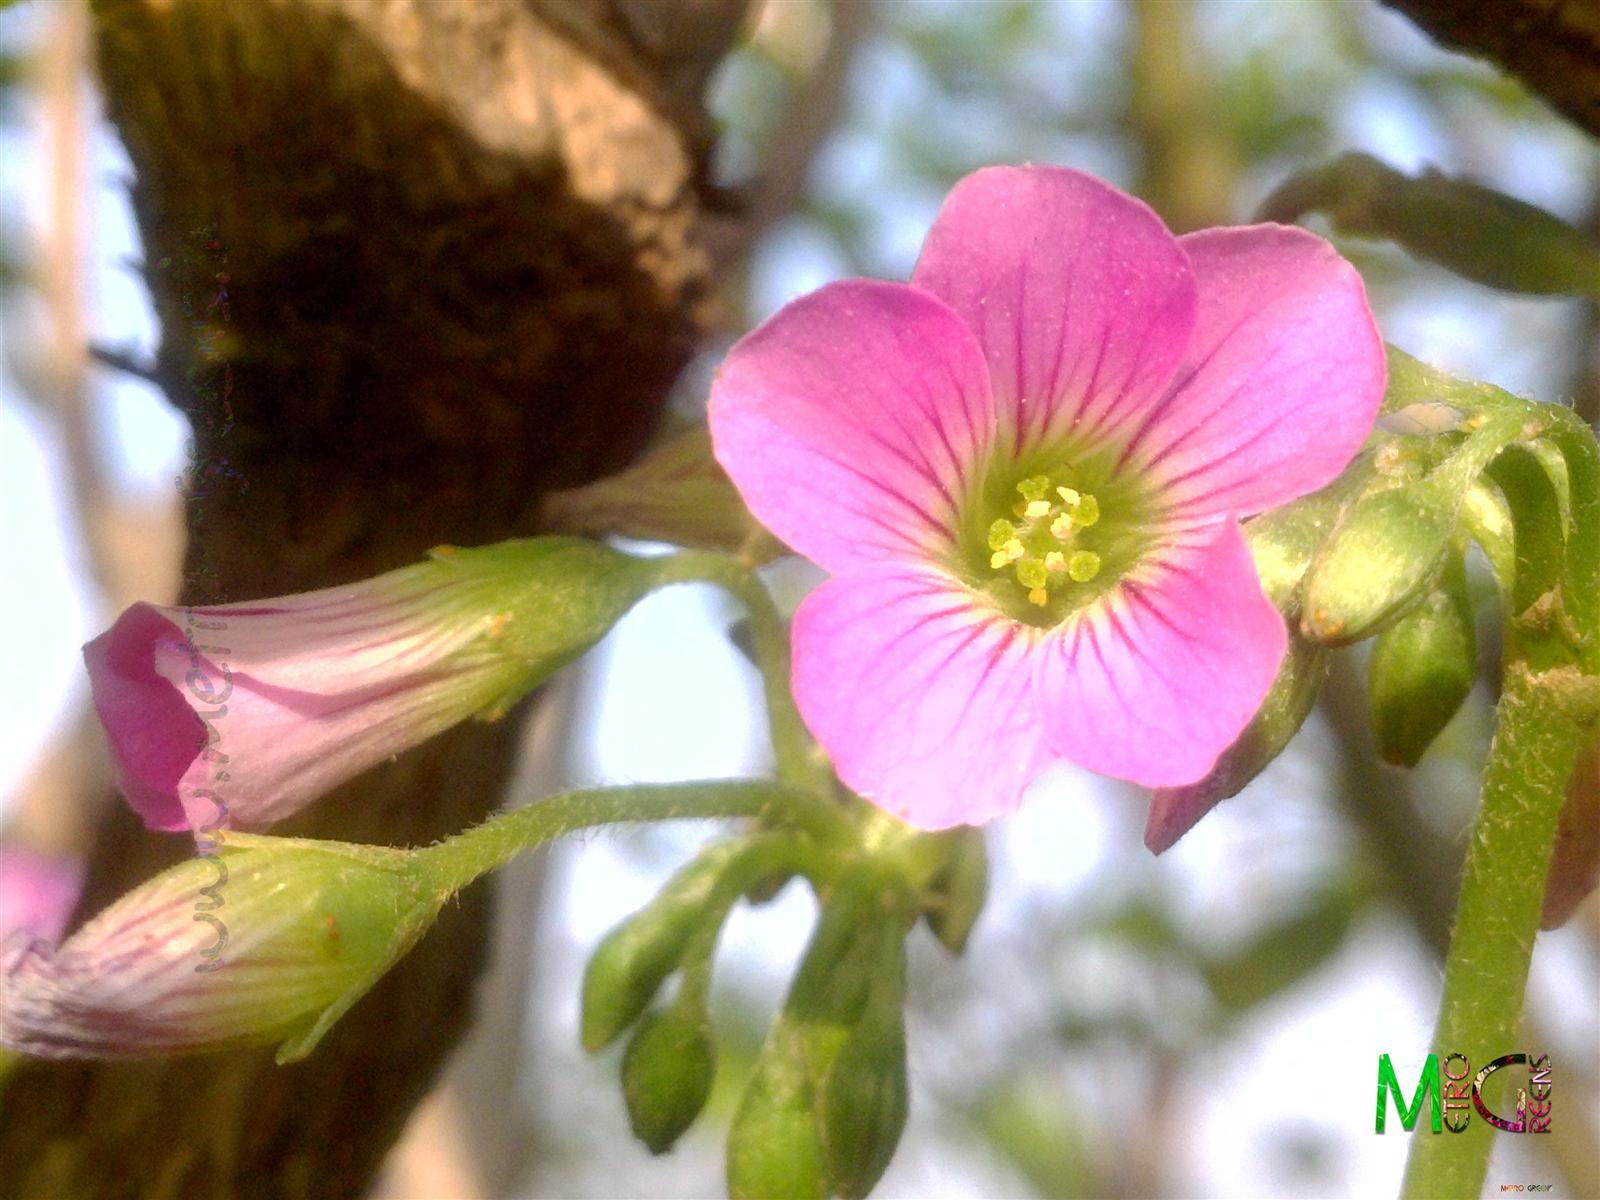 Metro Greens: Pink Sorrel, Oxalis Debilis